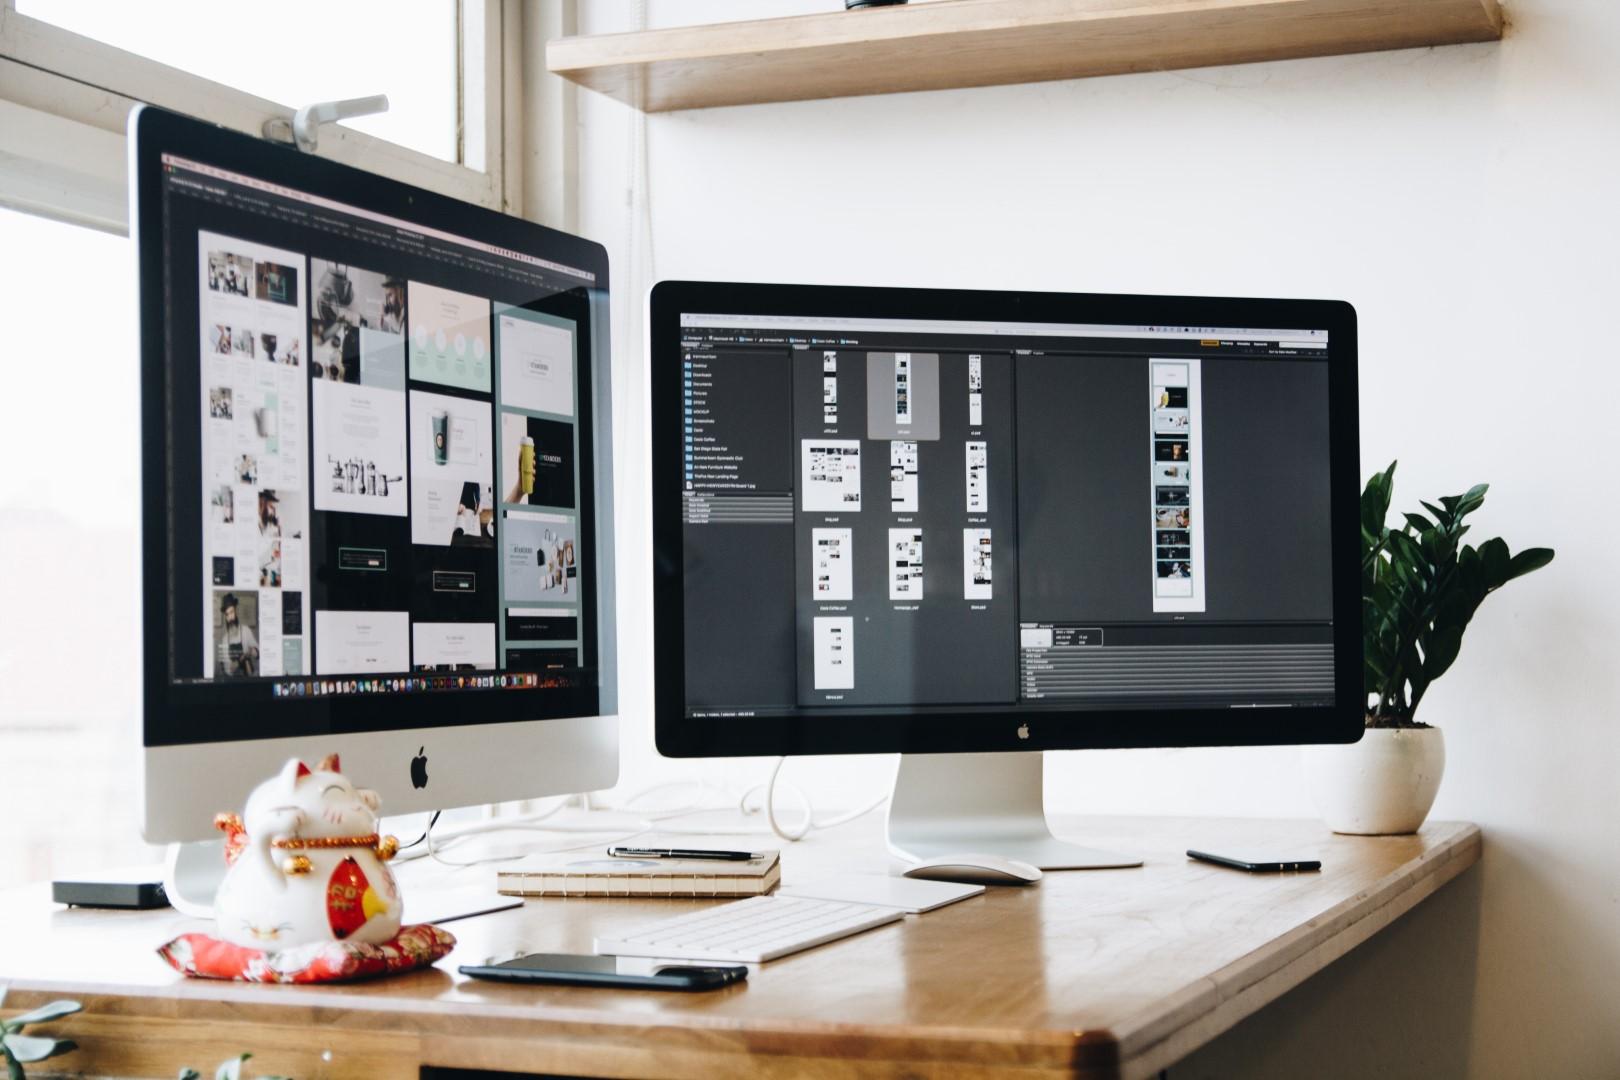 Ideen und Konzepte auf zwei Bildschirmen